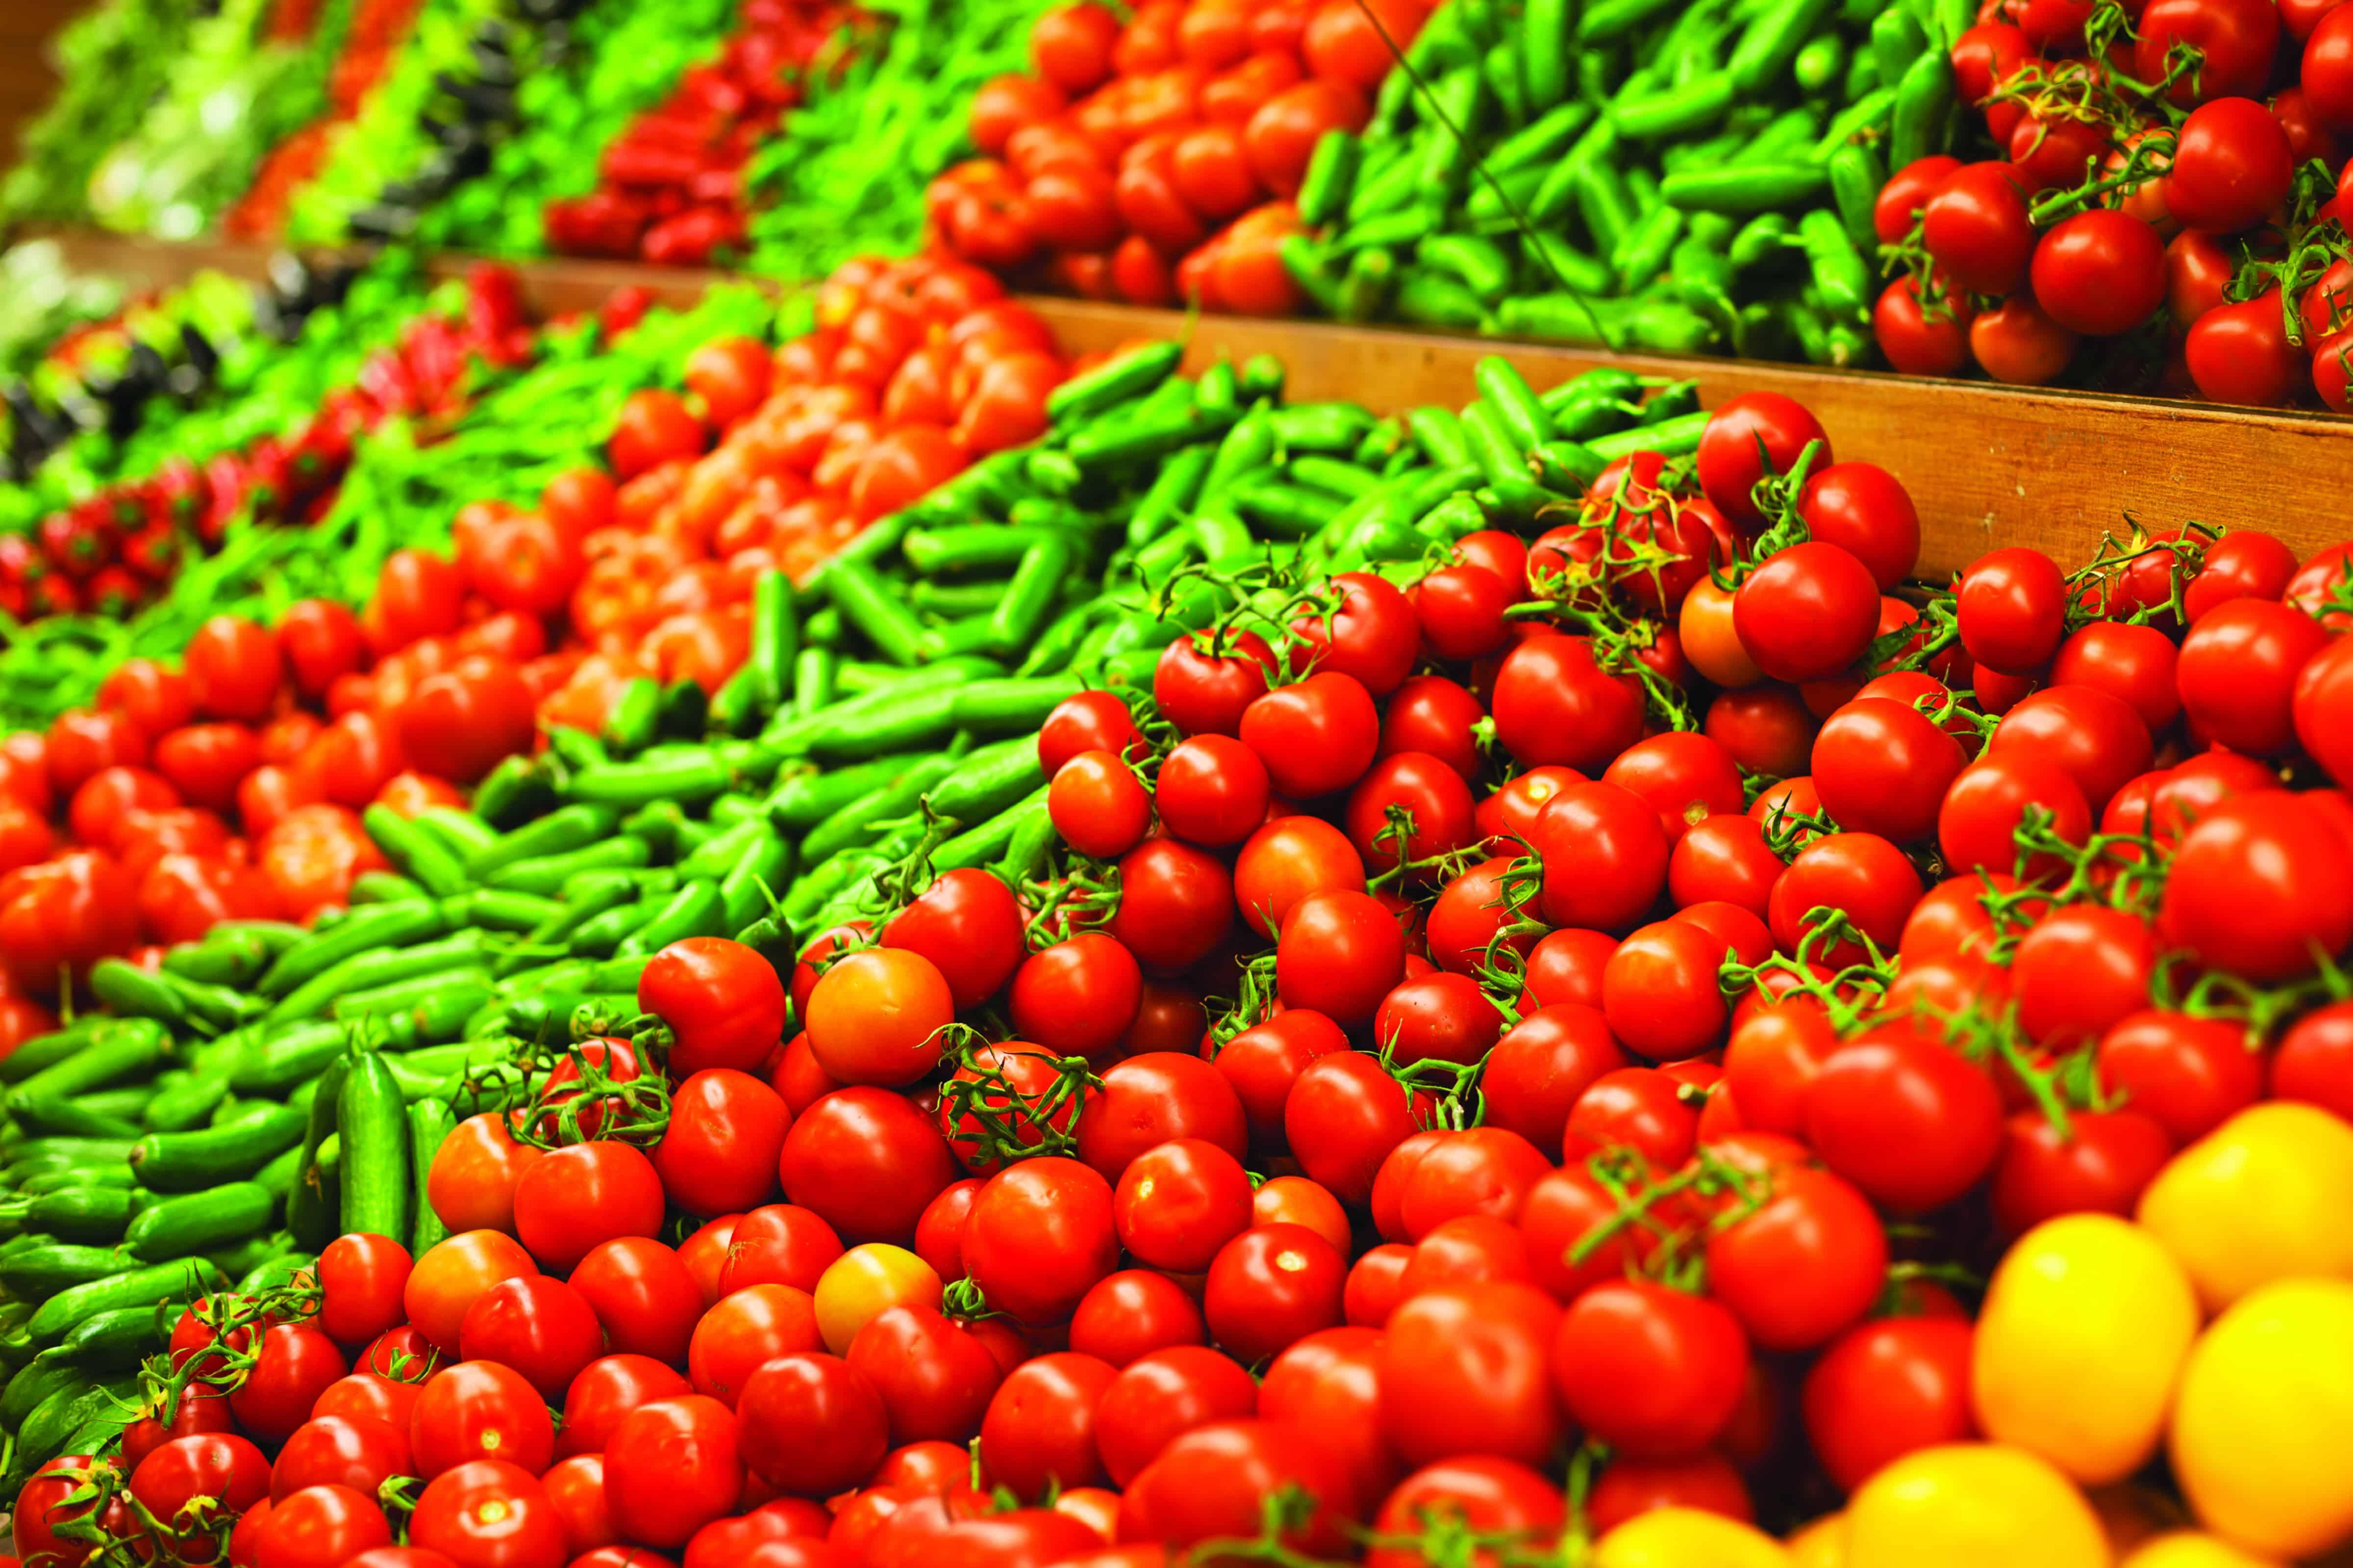 tomatoes-veg-supermktHR